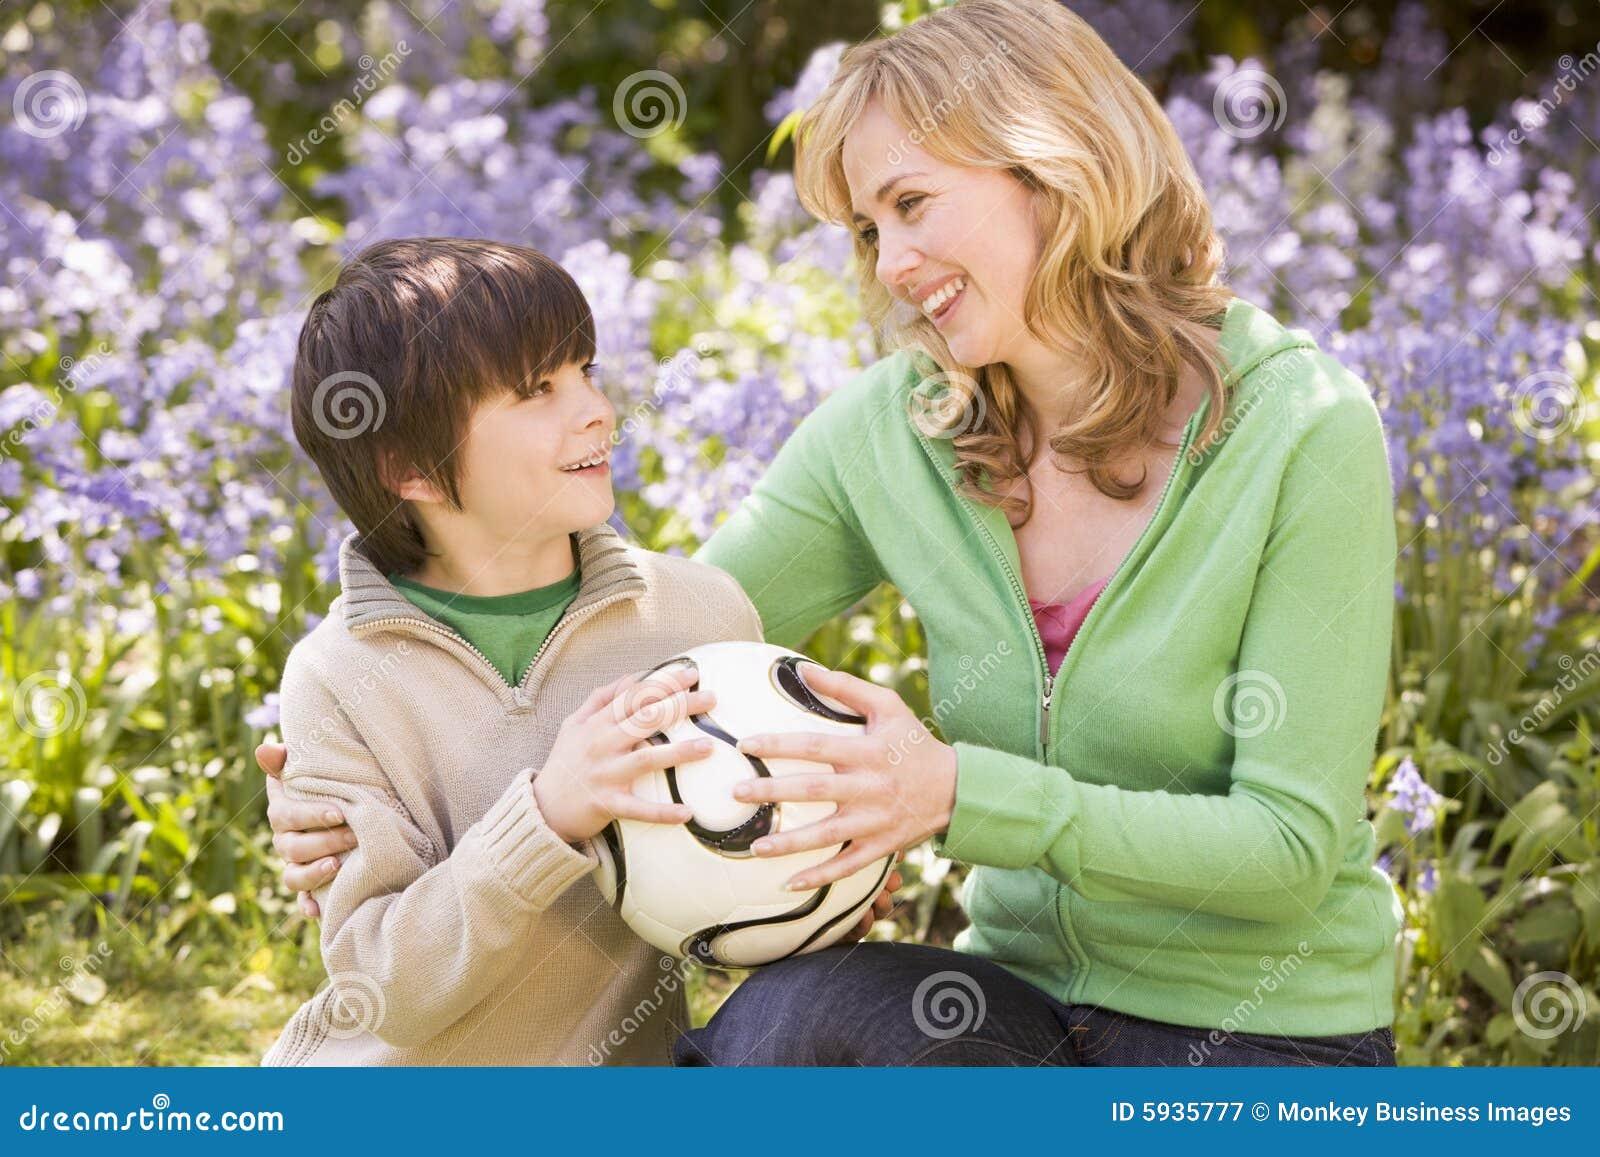 Смотреть бесплатно как друг ебет свою маму, Мать с другом сына, трахнул маму друга - Смотреть 22 фотография